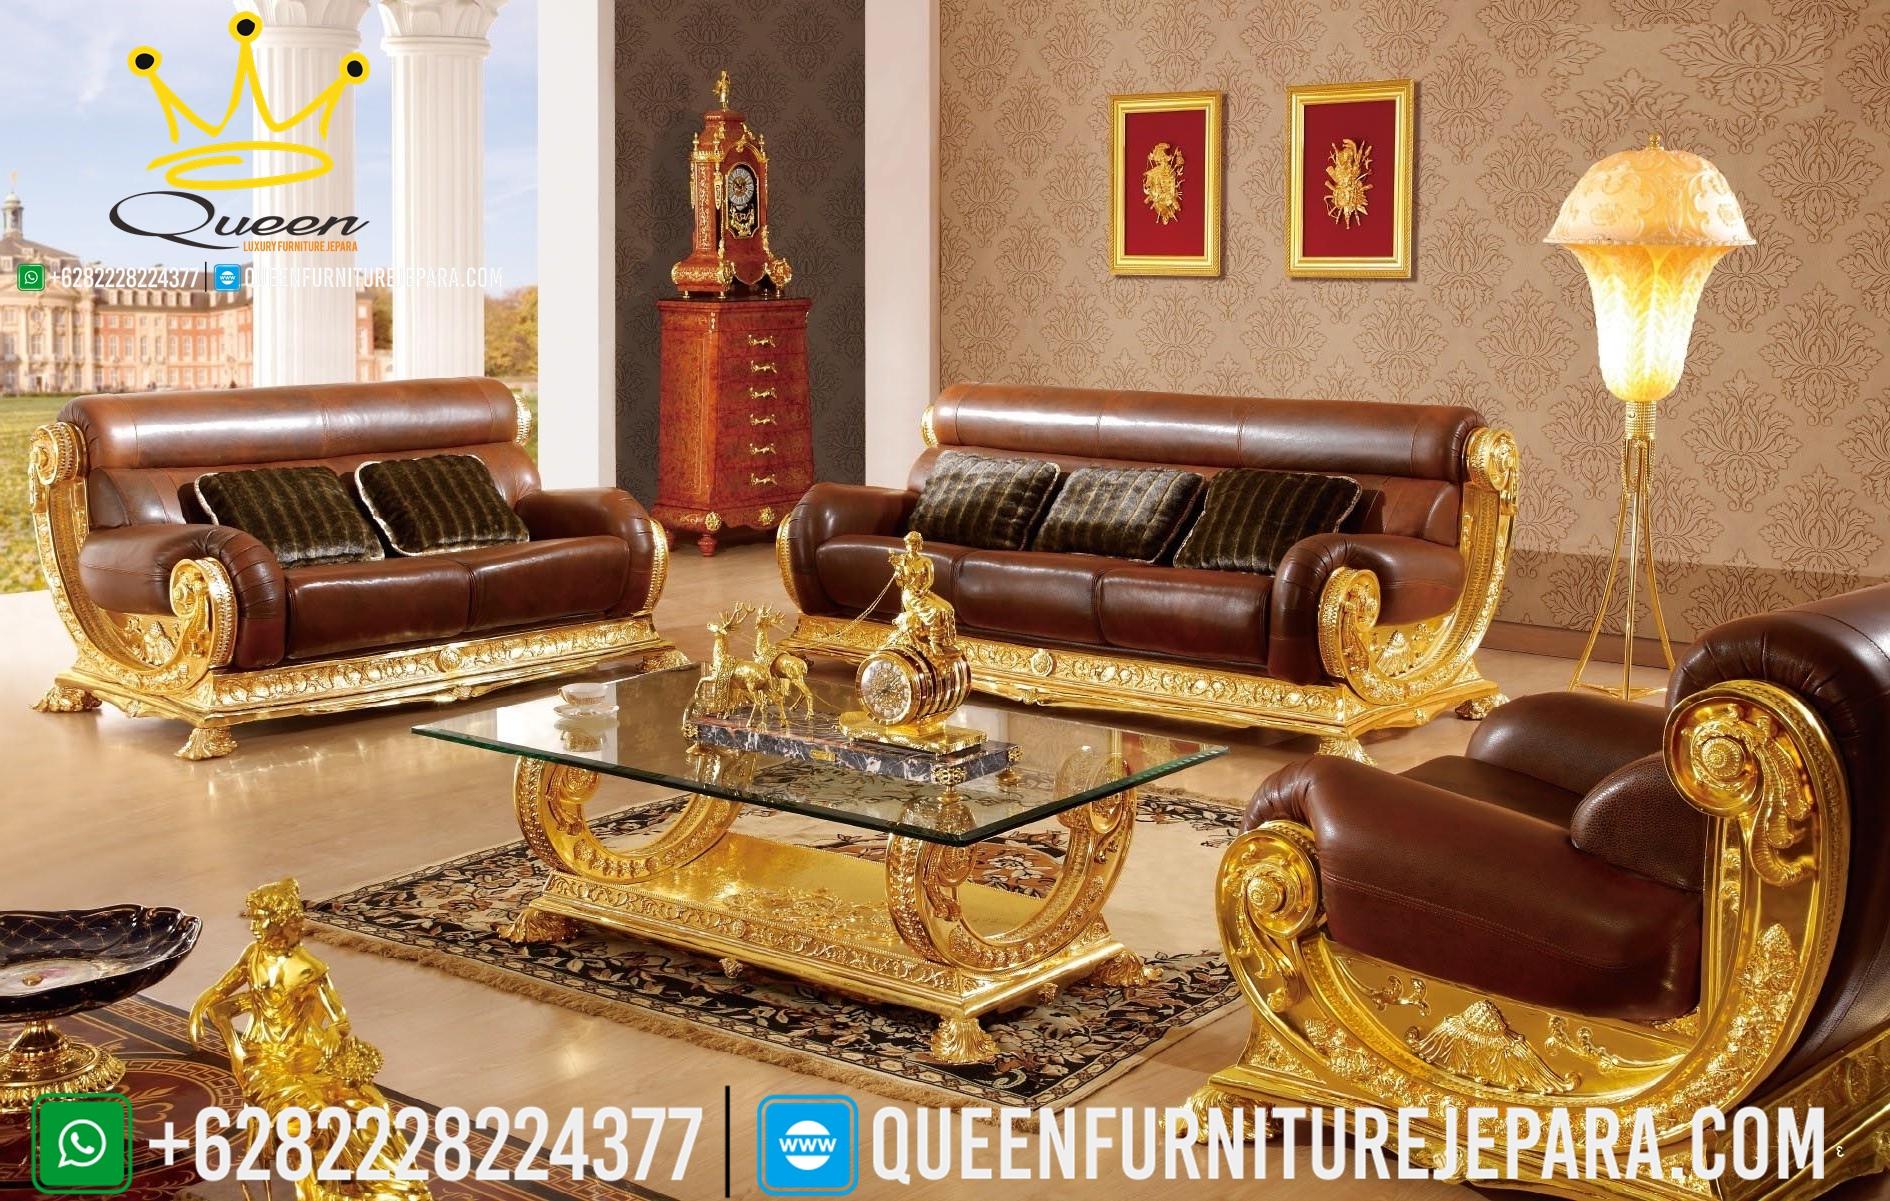 set kursi sofa ruang tamu mewah italian gold ukiran jepara,Queen furniture jepara,toko mebel online asli jepara,Sofa tamu mewah asli jepara,Best furniture jepara,FURNITURE BERGARANSI,HARGA FURNITURE JEPARA,SISTEM PEMBAYARAN MEBEL ONLINE JEPARA,PROSES PENGIRIMAN MEBEL ONLINE JEPARA, ALMARI HIAS,SET BUFET TV,MEJA CONSOLE,SET MEJA MAKAN,SET KURSI TAMU,SET KAMAR TIDUR,SET KAMAR ANAK, mebel jepara murah,furniture jati jepara asli,mebel jepara mentah,mebel jepara terbaru,katalog mebel jepara,daftar harga mebel jepara, SET KURSI MEJA CAFE,GARDEN TEAK DAN PERABOT FURNITURE BERBAHAN KAYU JATI